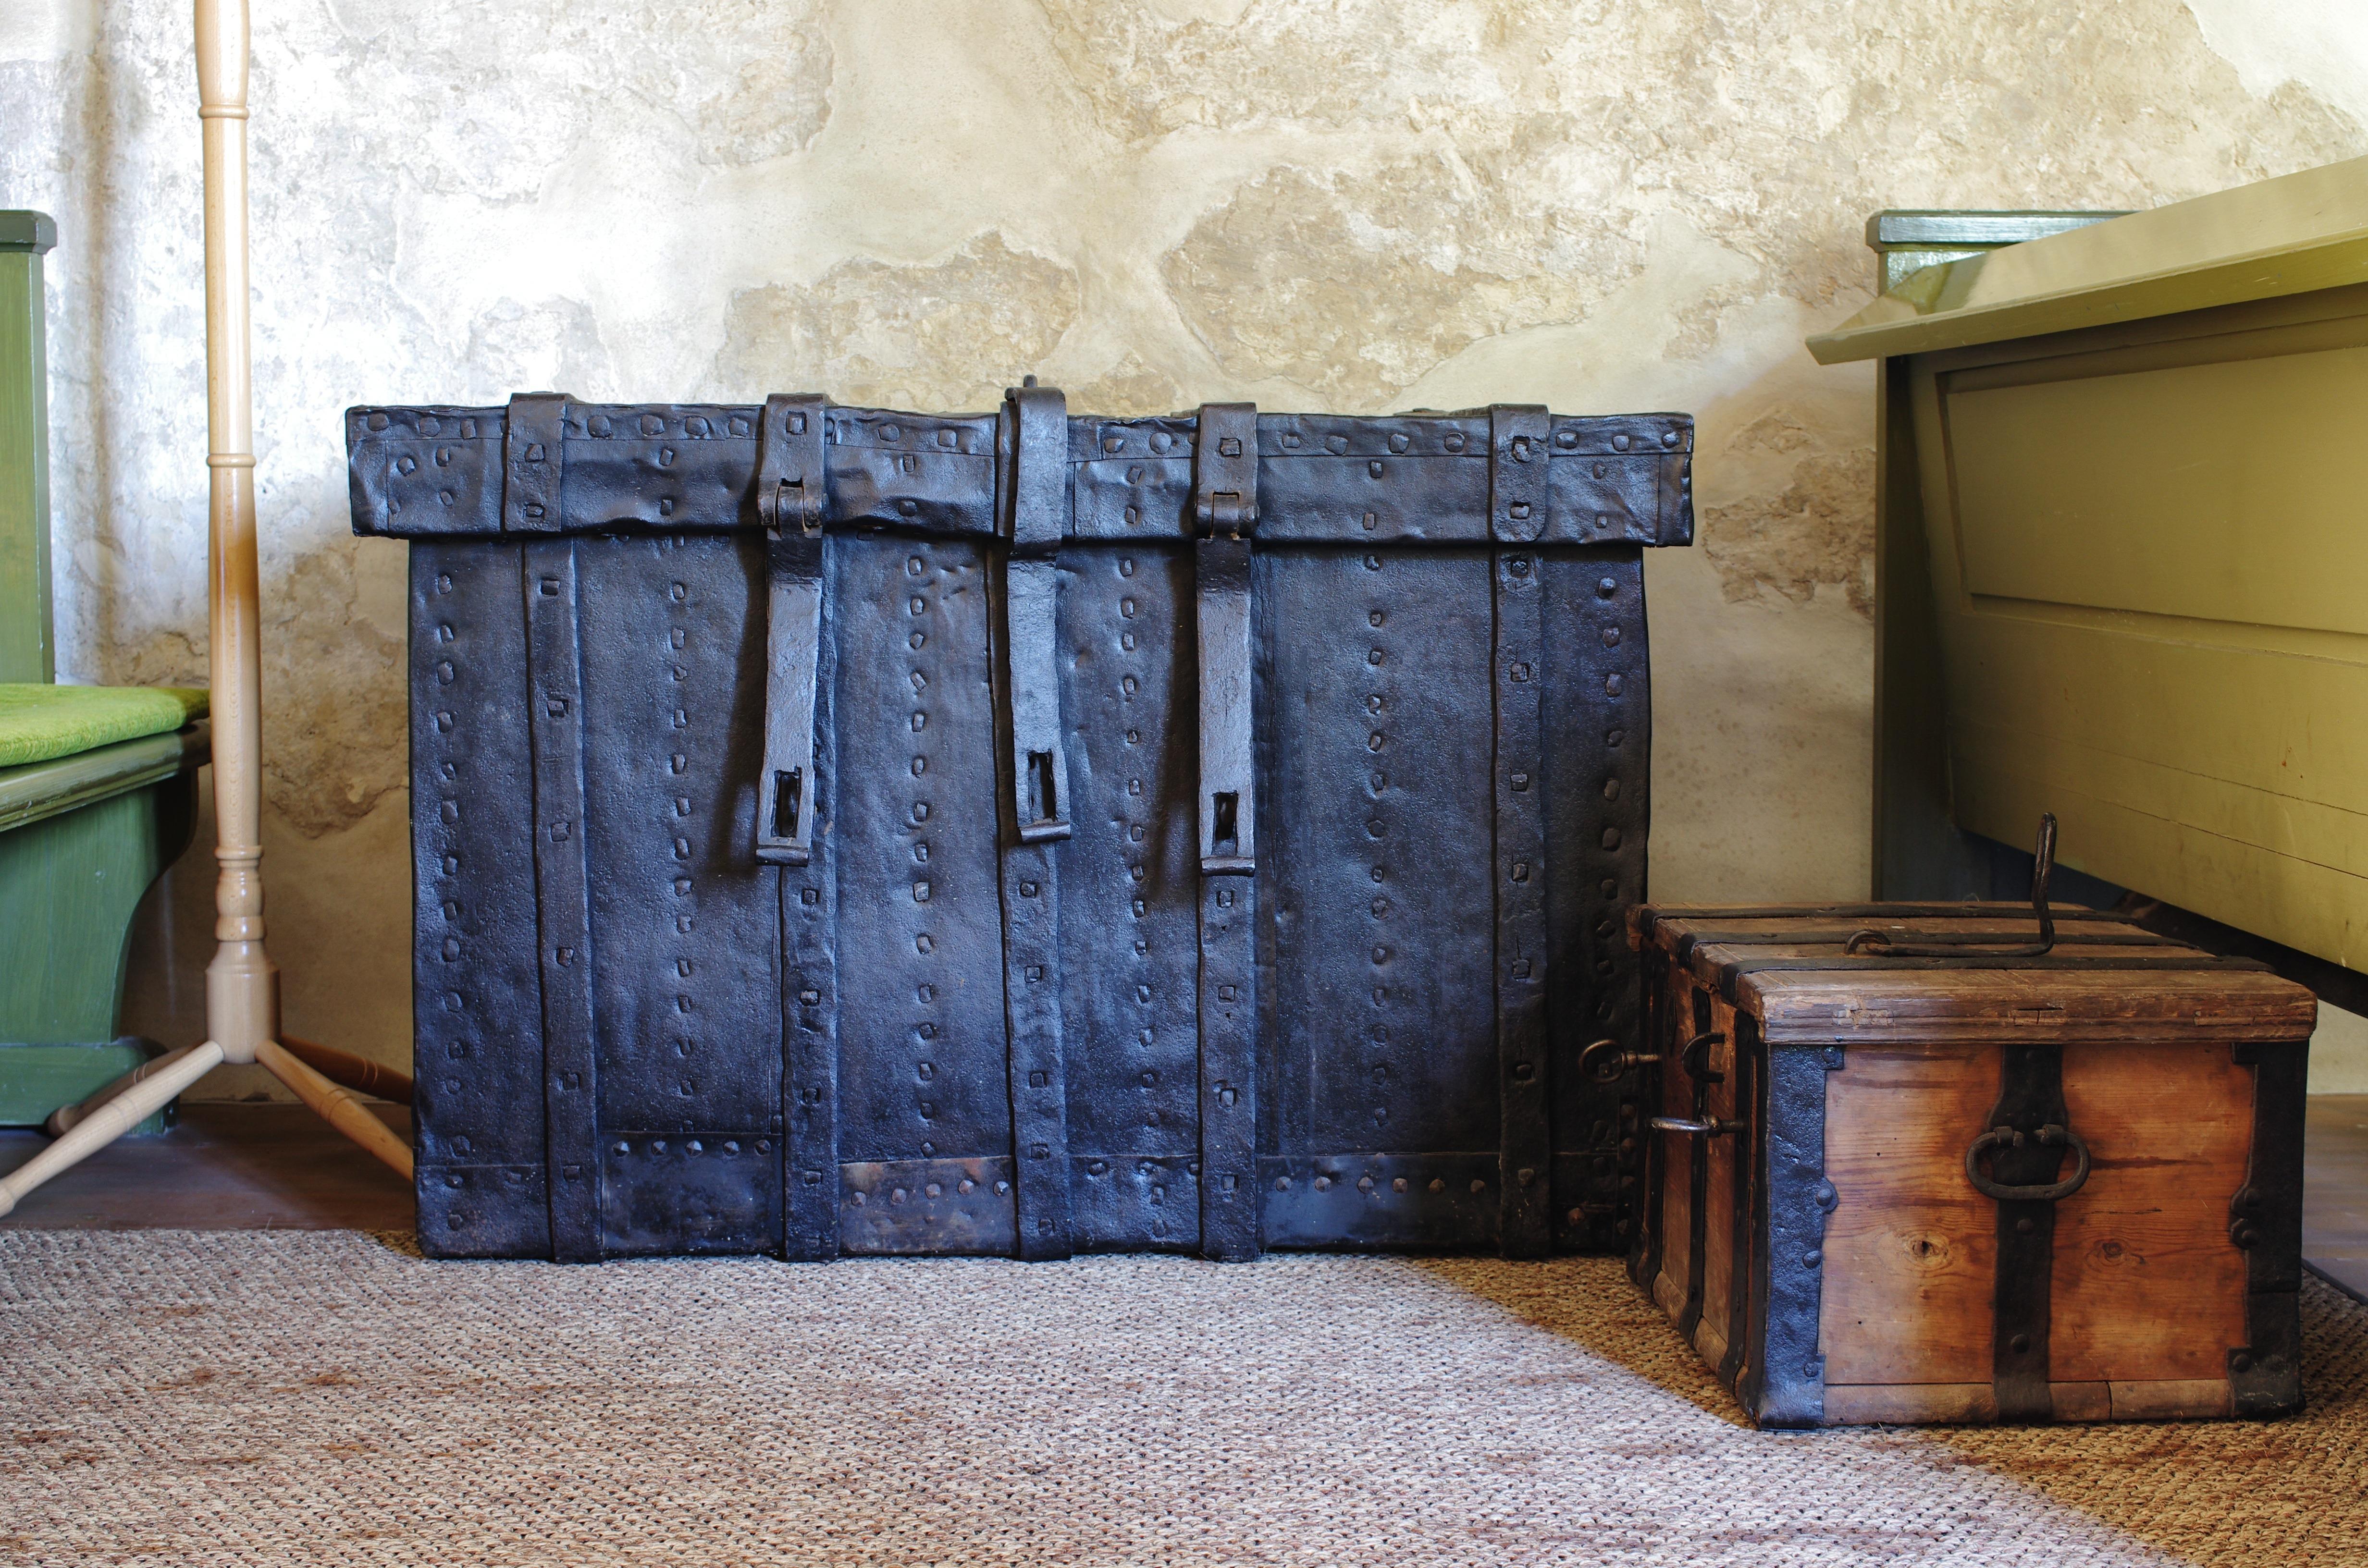 Kostenlose foto : Holz, Bank, Haus, Stock, Kofferraum, Zuhause ...